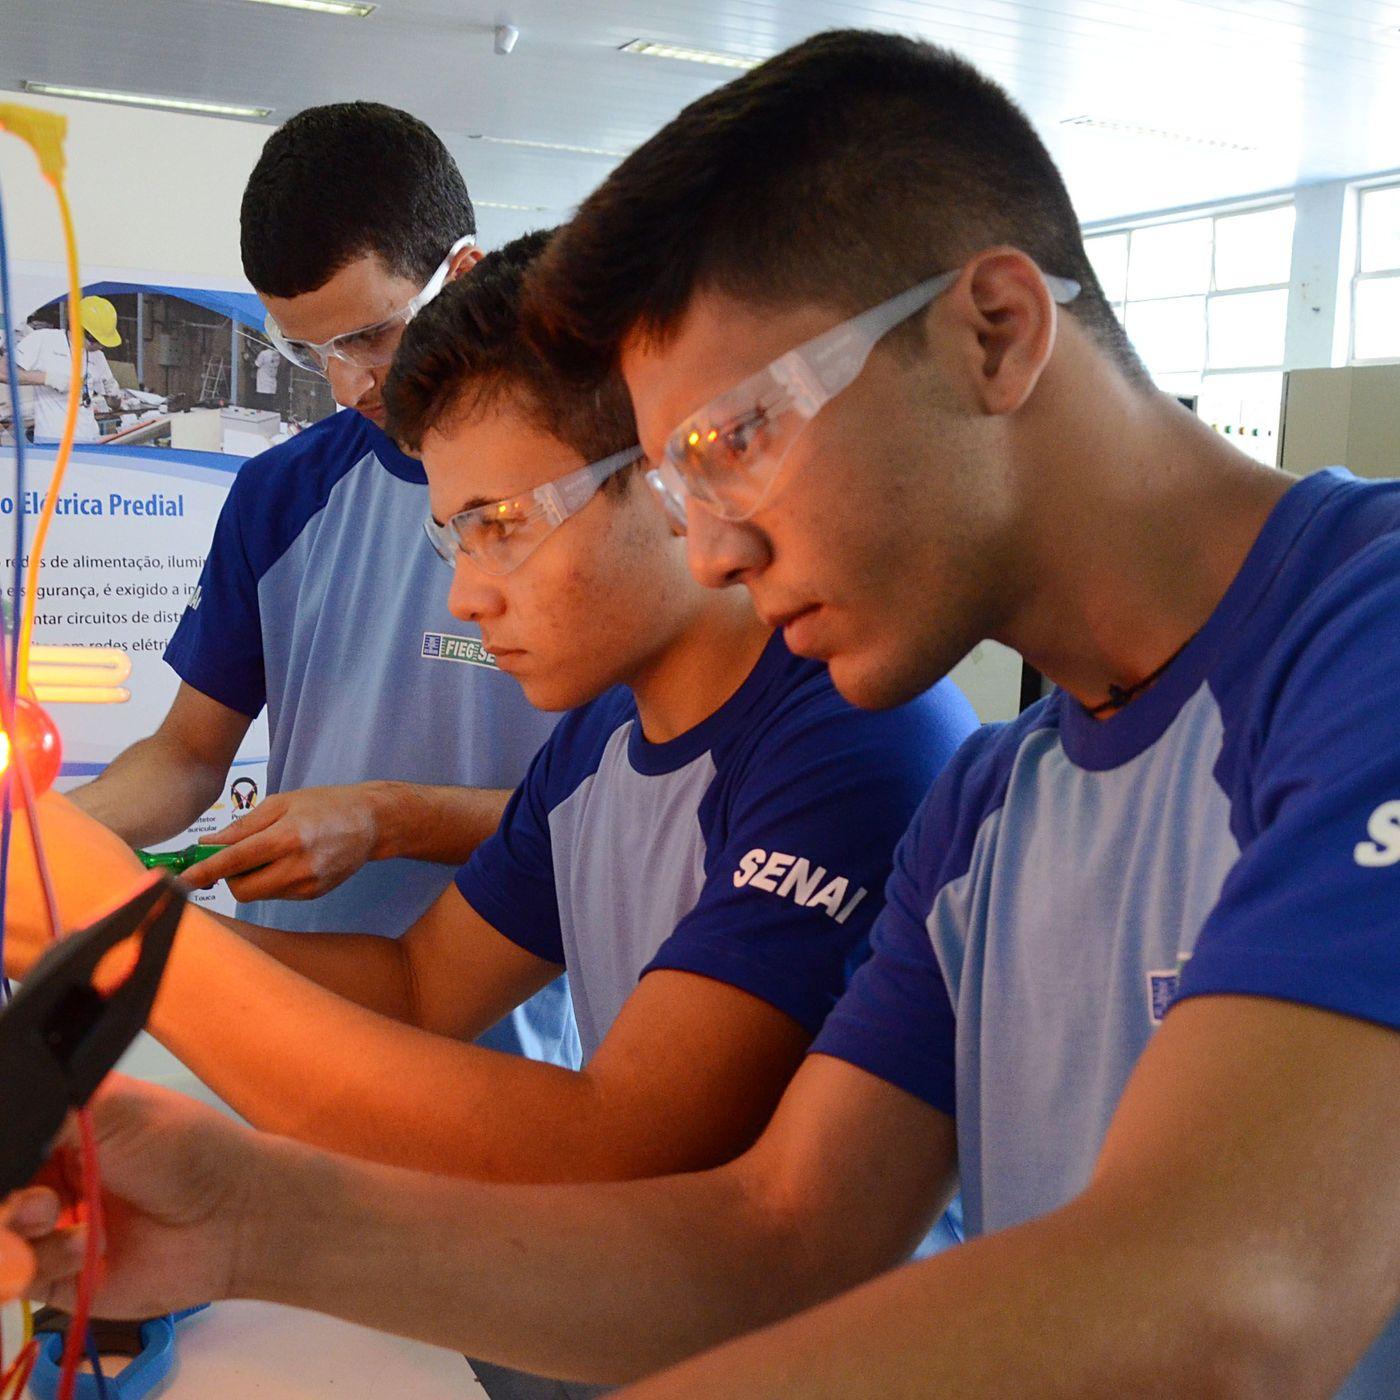 Jovens Buscam Qualificação Com O Intuito De Preencher Vagas Ociosas No Mercado De Trabalho Goiano